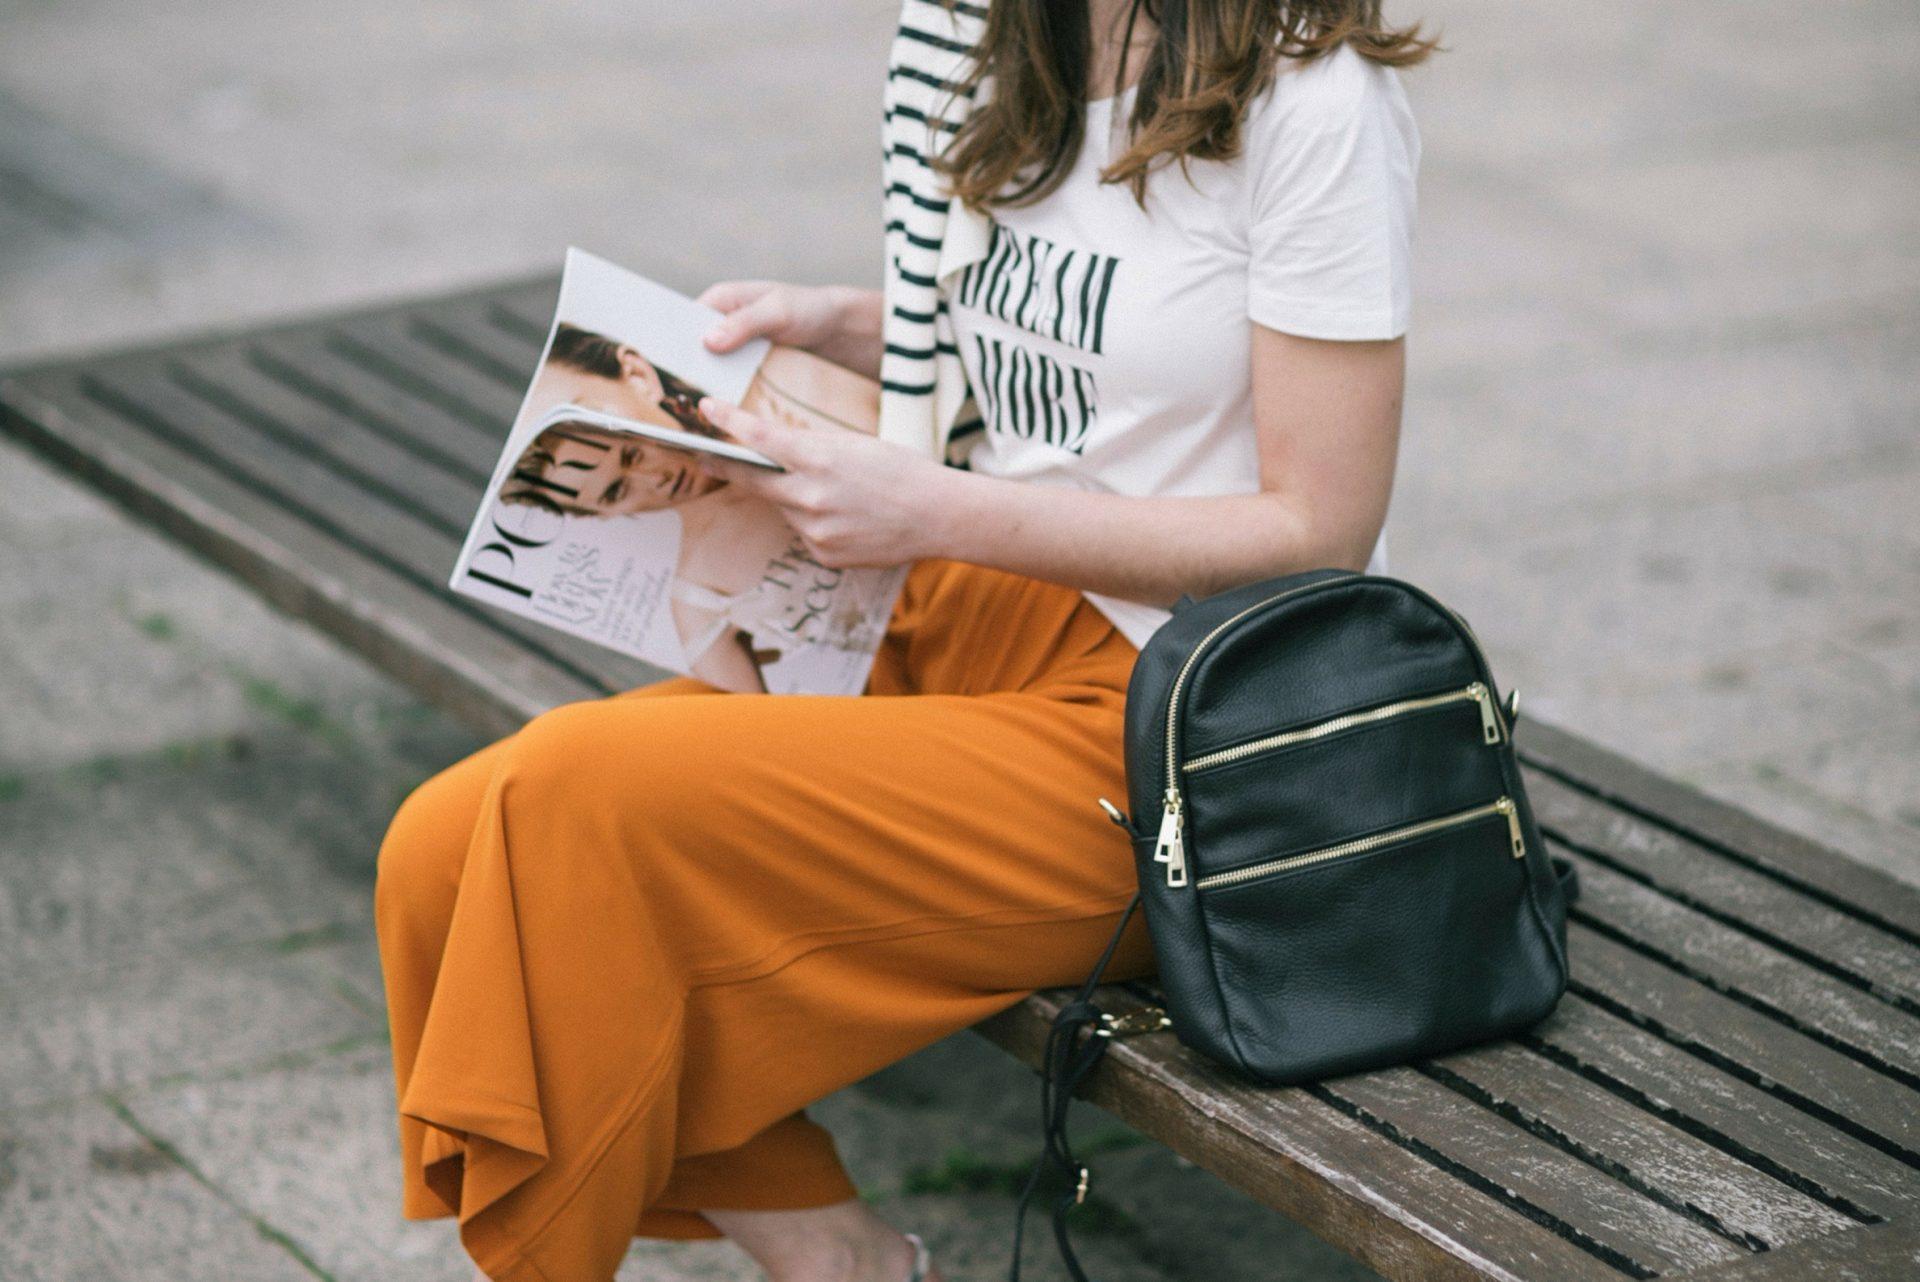 Pantalón flojo anaranjado con camiseta de mensaje y mochila negra